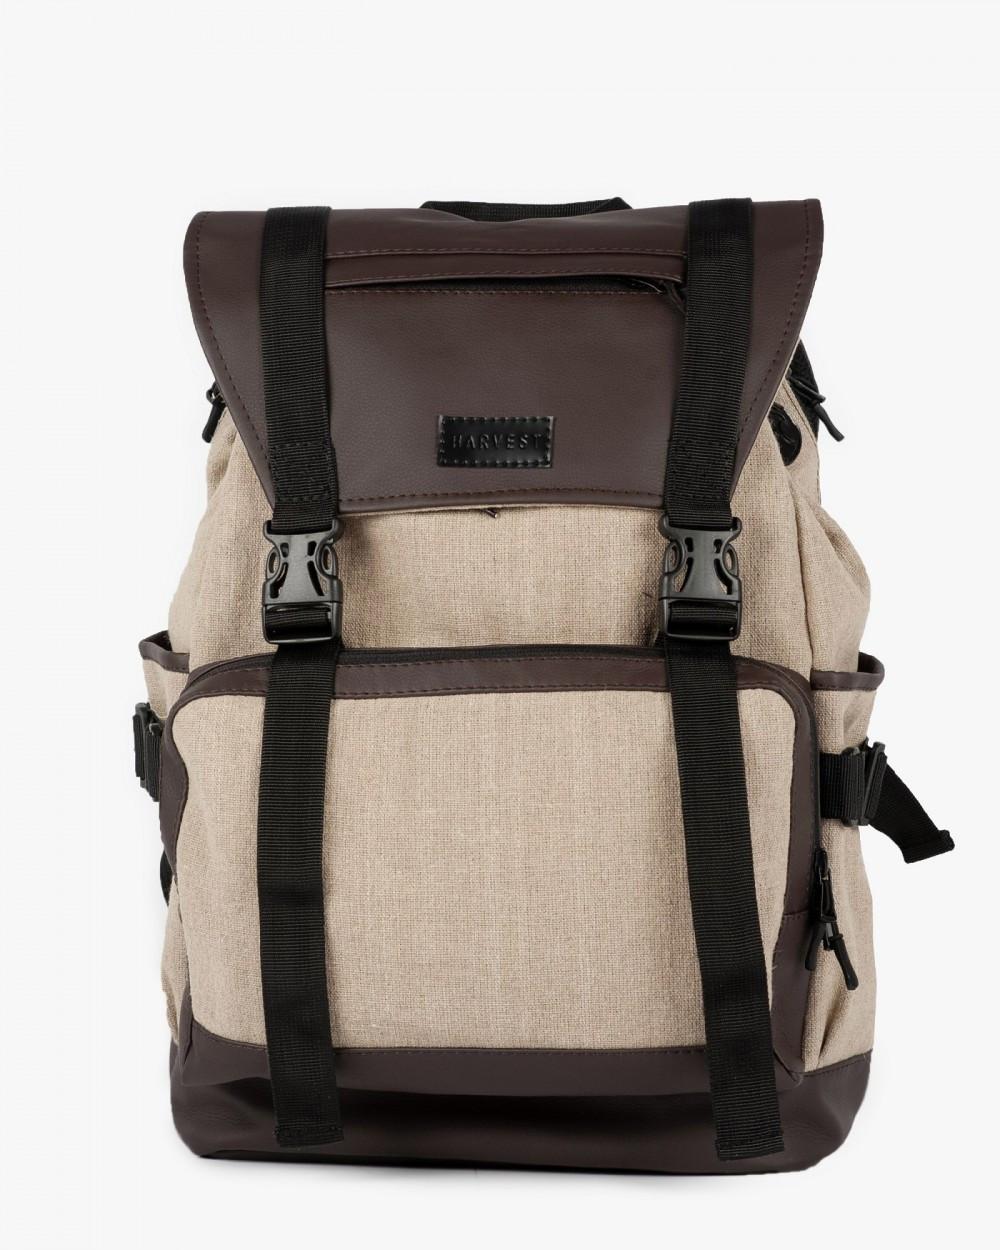 """Рюкзак """"UNIVERSAL"""" лён, коричневый, на 22л, сумка для ноутбука, водостойкий, унисекс, повседневный, спортивный"""